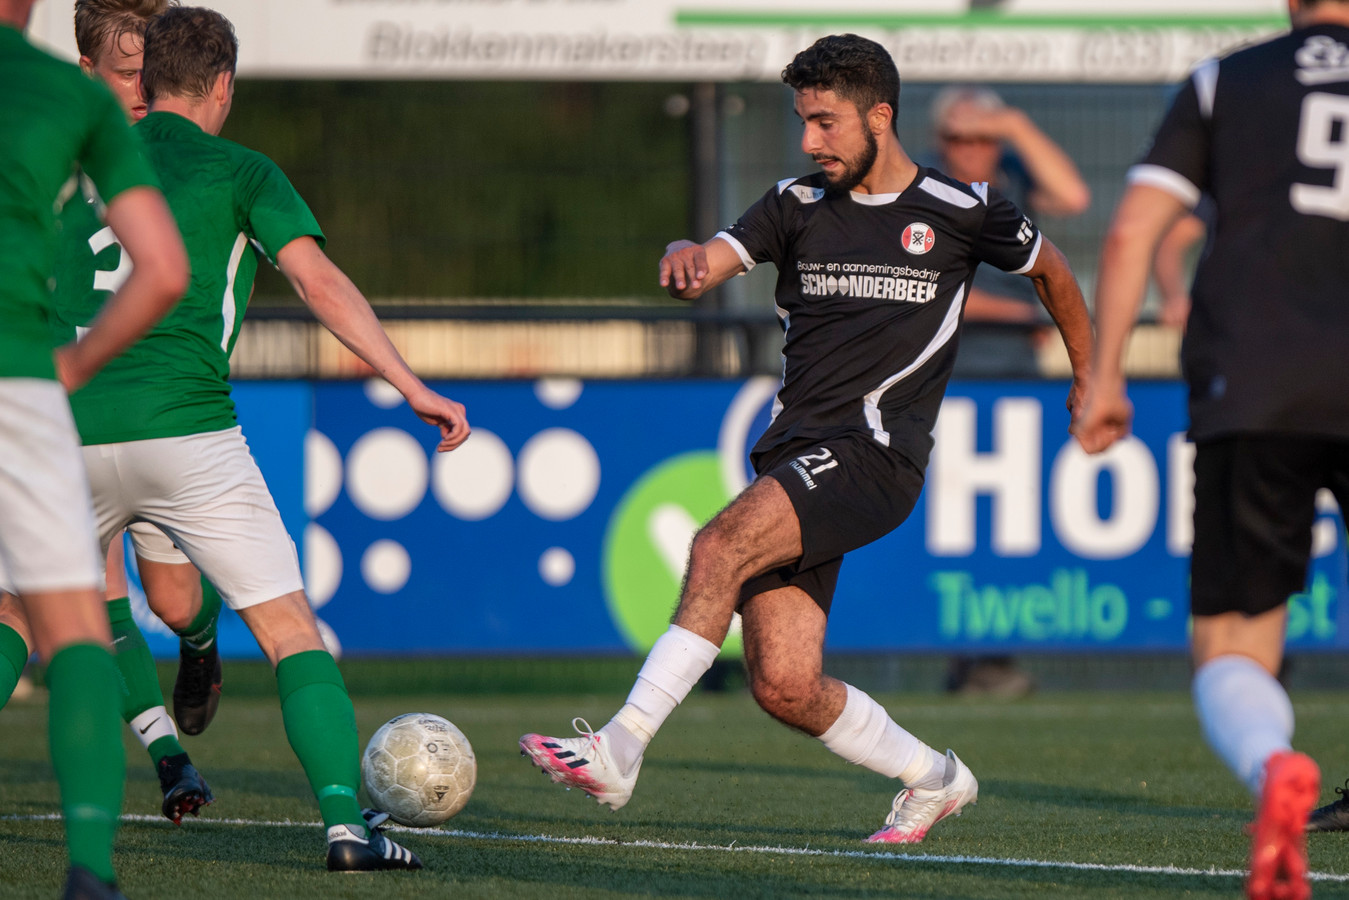 Nieuwkomer Sohaib Echahbouni, overgekomen van Ter Leede, maakte tegen Eemdijk zijn officieuze debuut voor Hoogland.